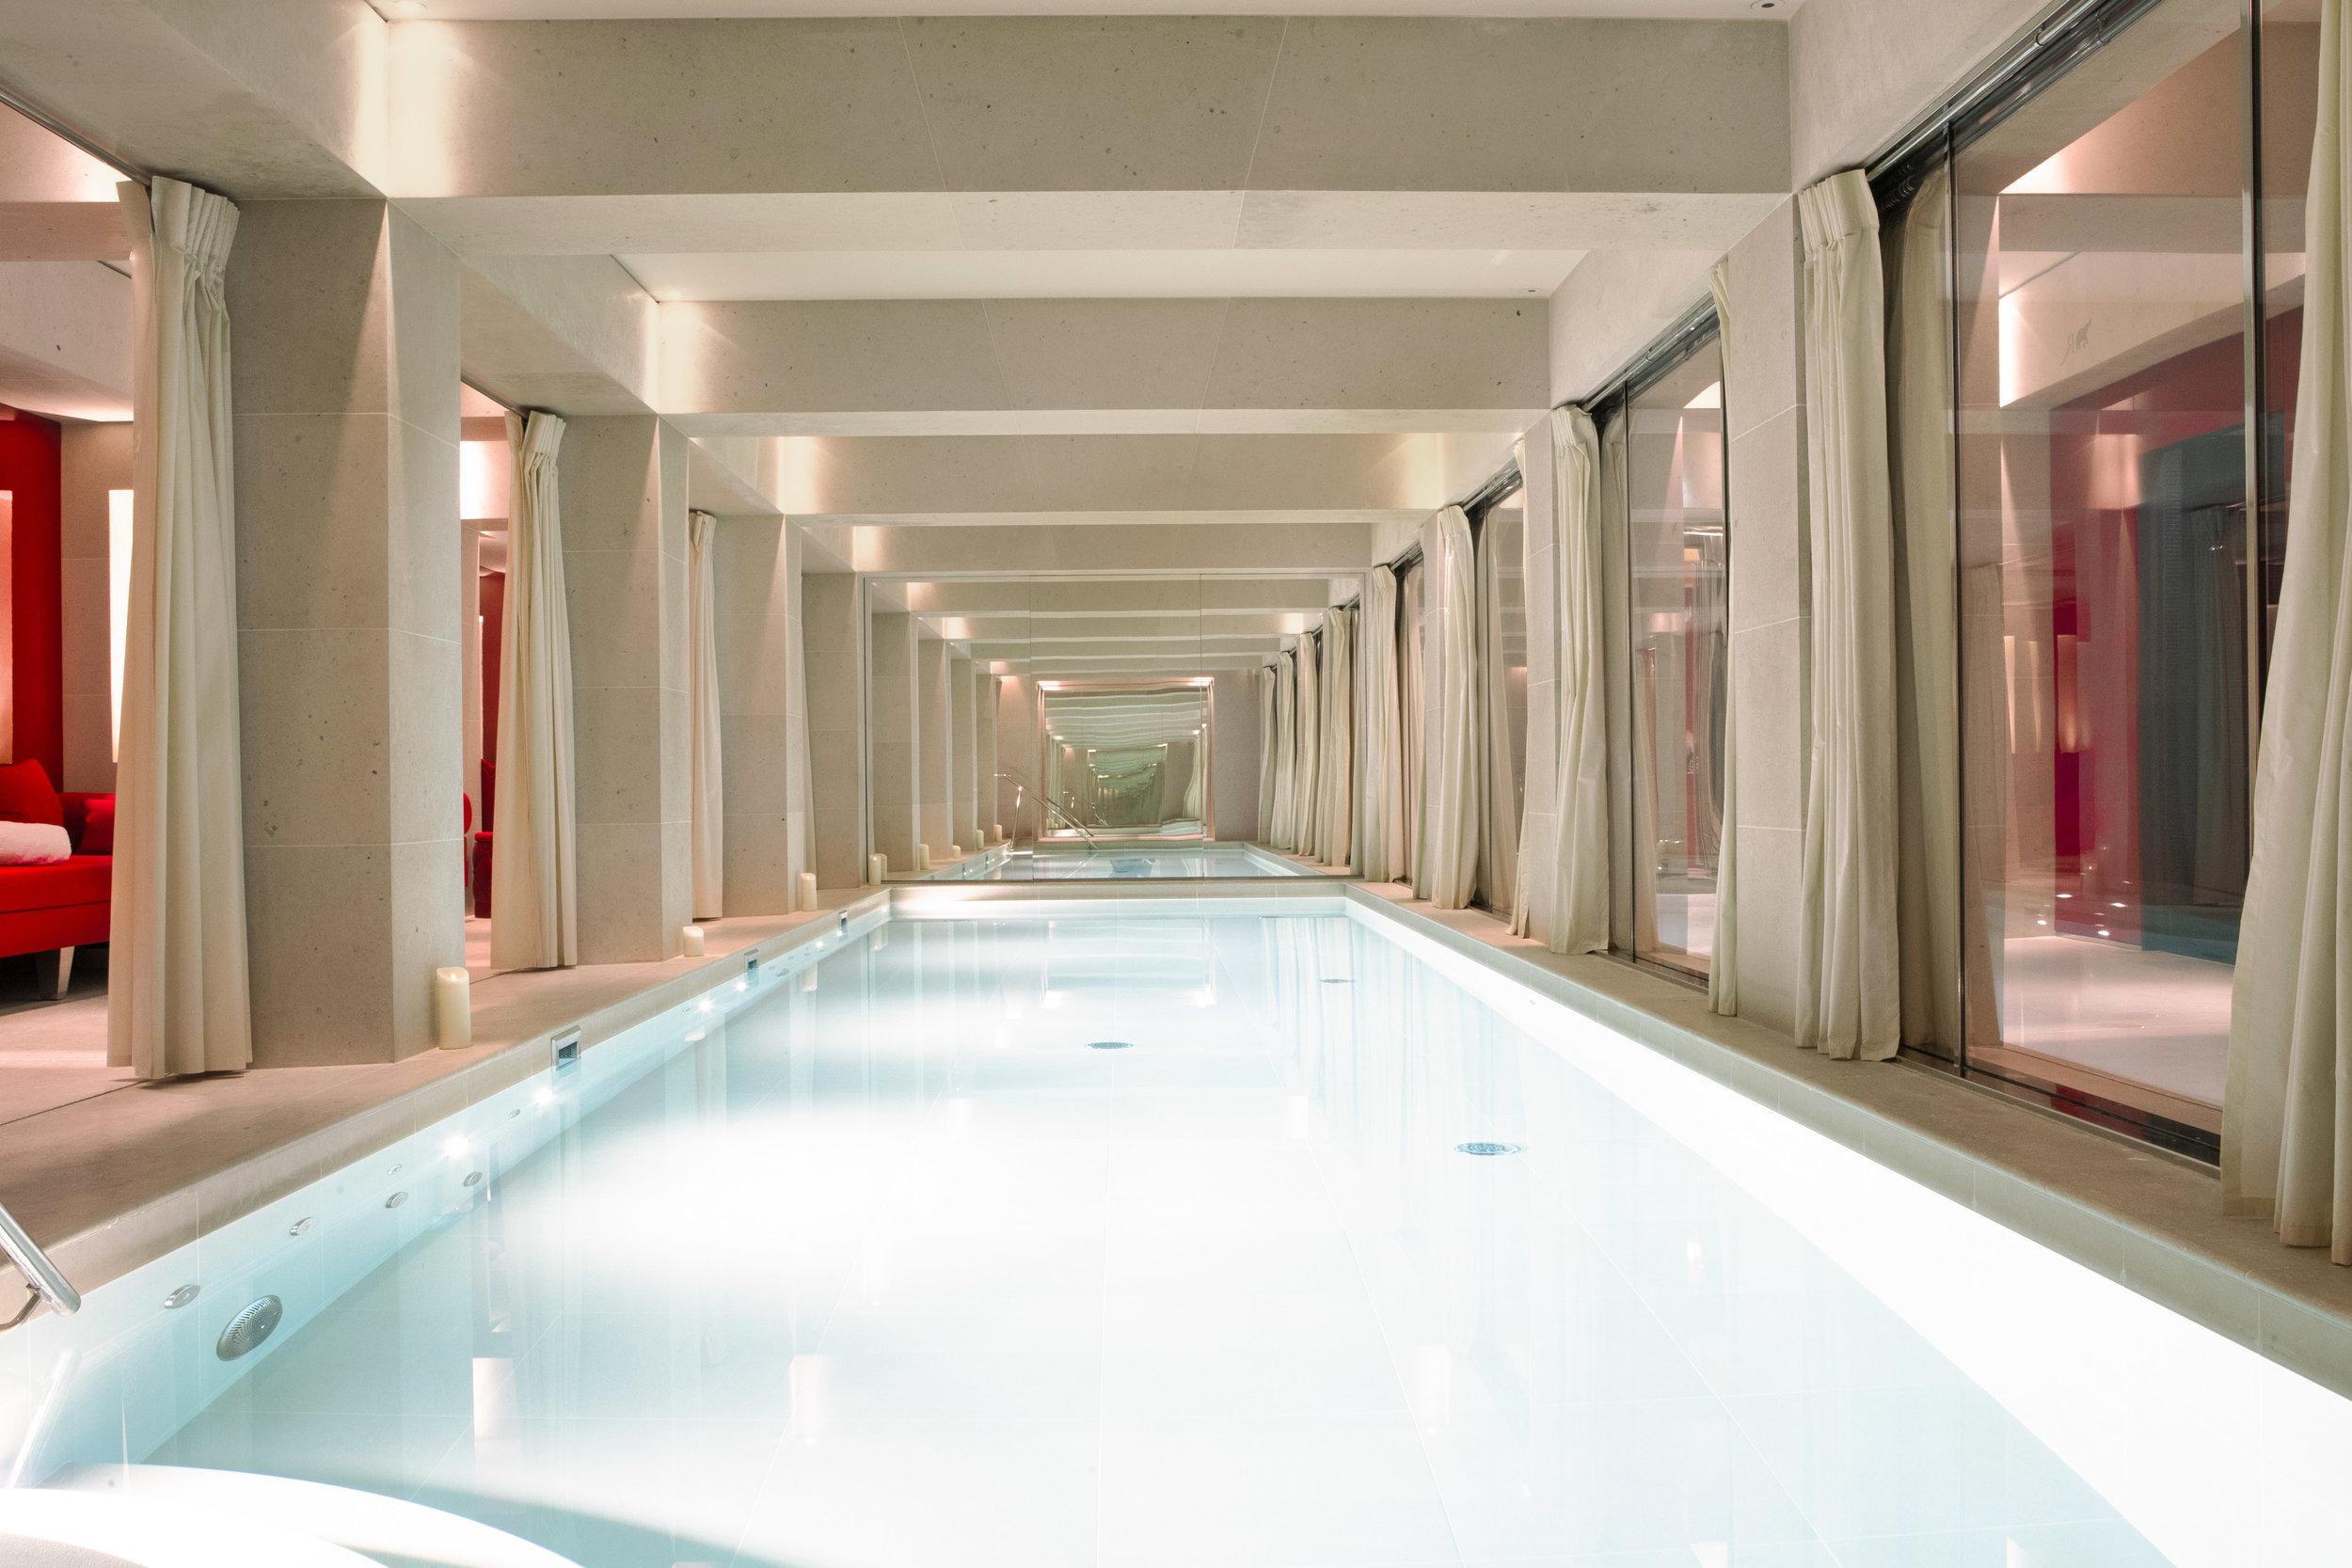 La Réserve Hotel & Spa - spa - Crédits photo G. Gardette - La Réserve Paris.jpg